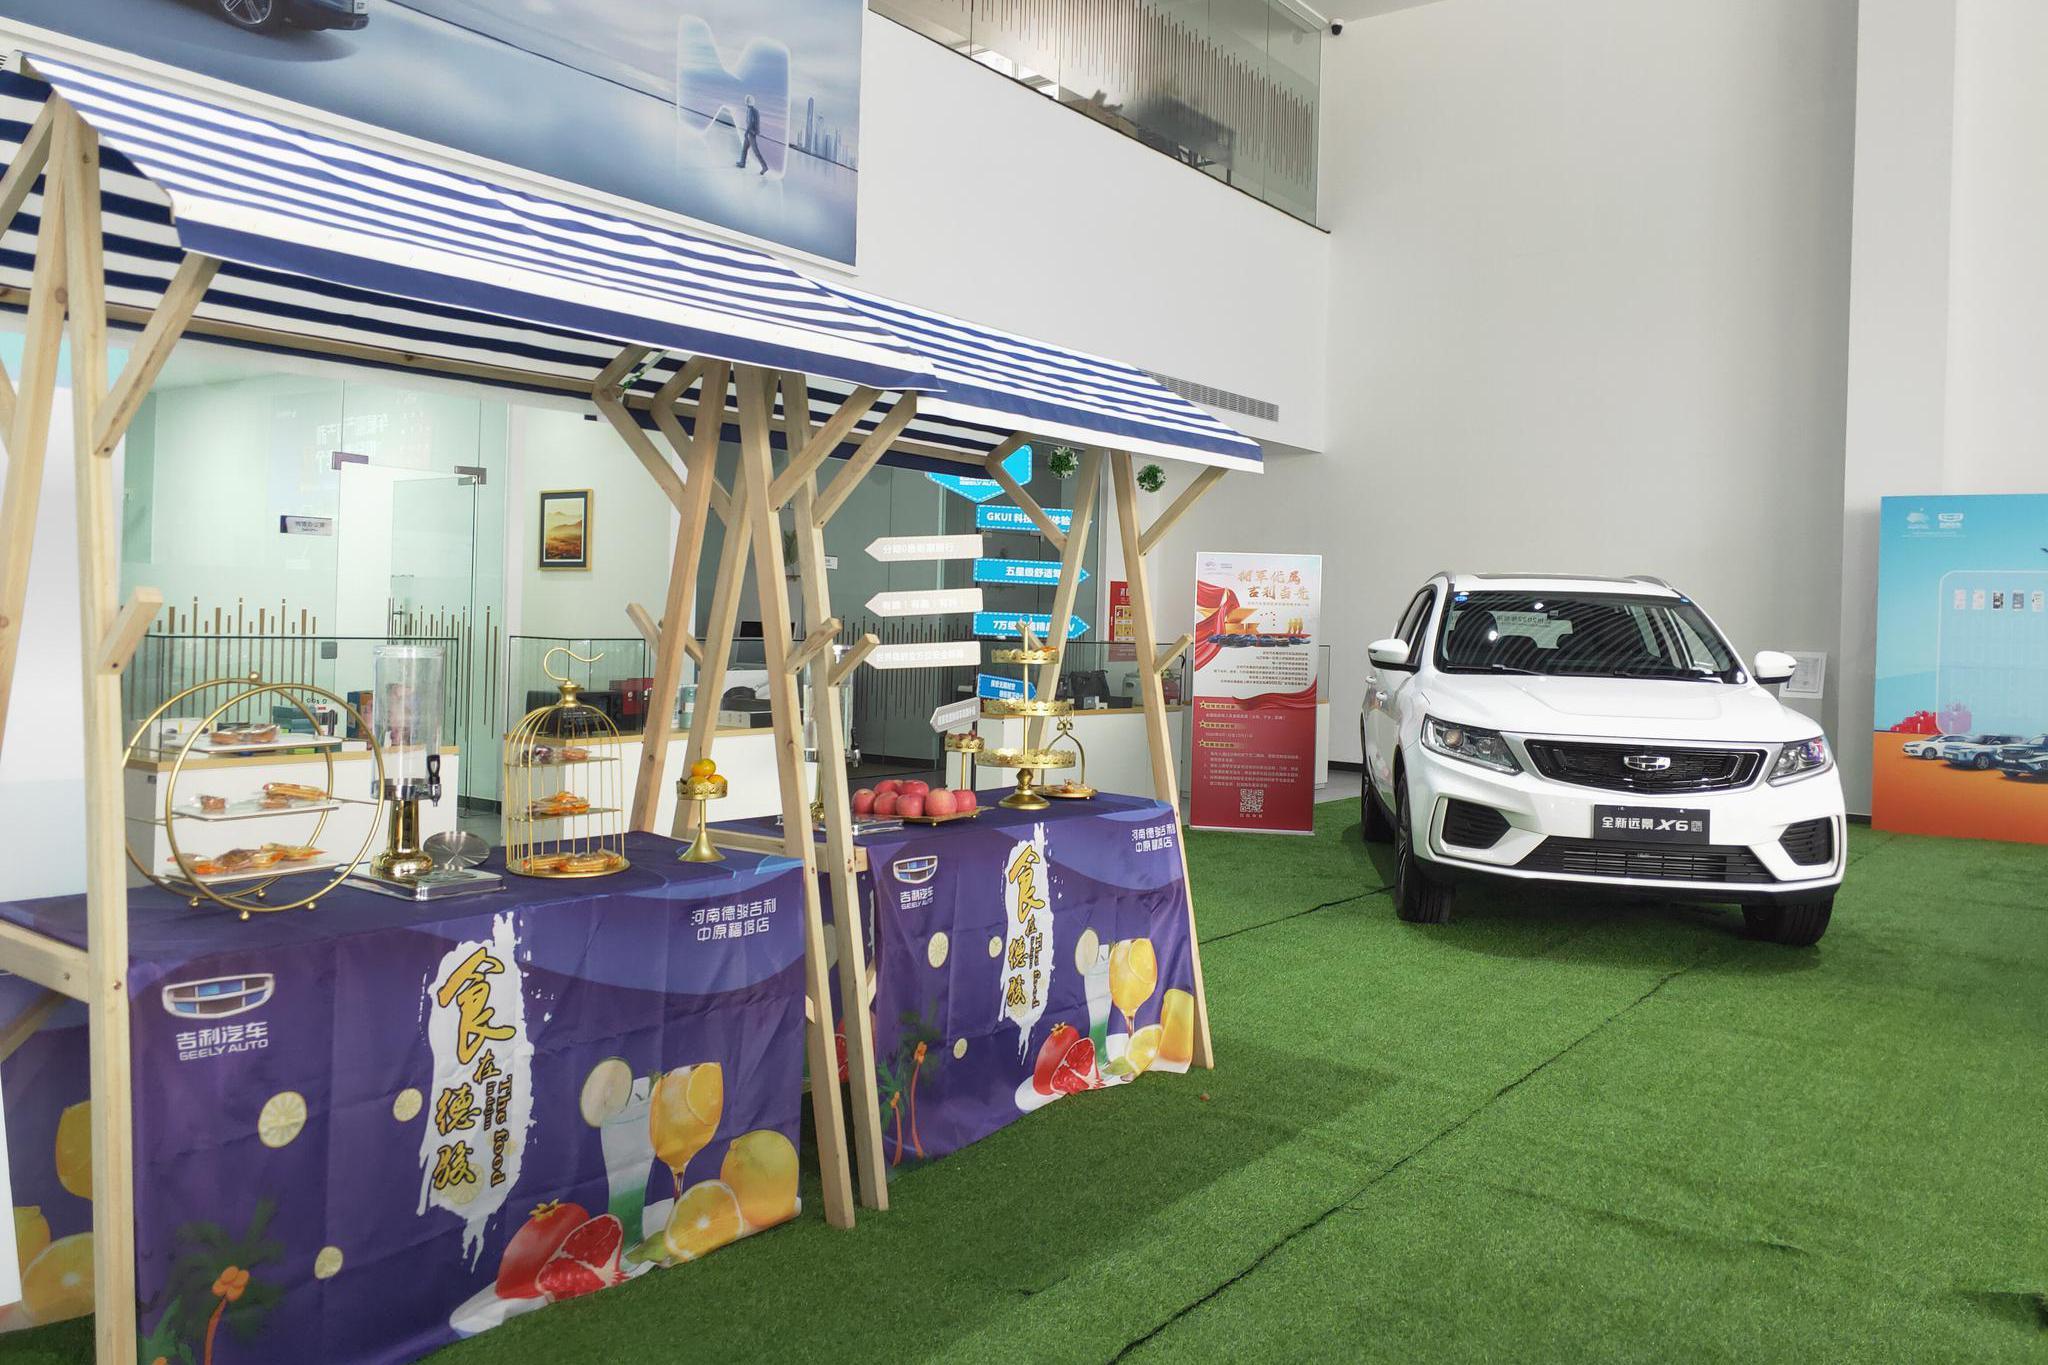 生态家模板,河南首家吉利汽车全新形象店已开放